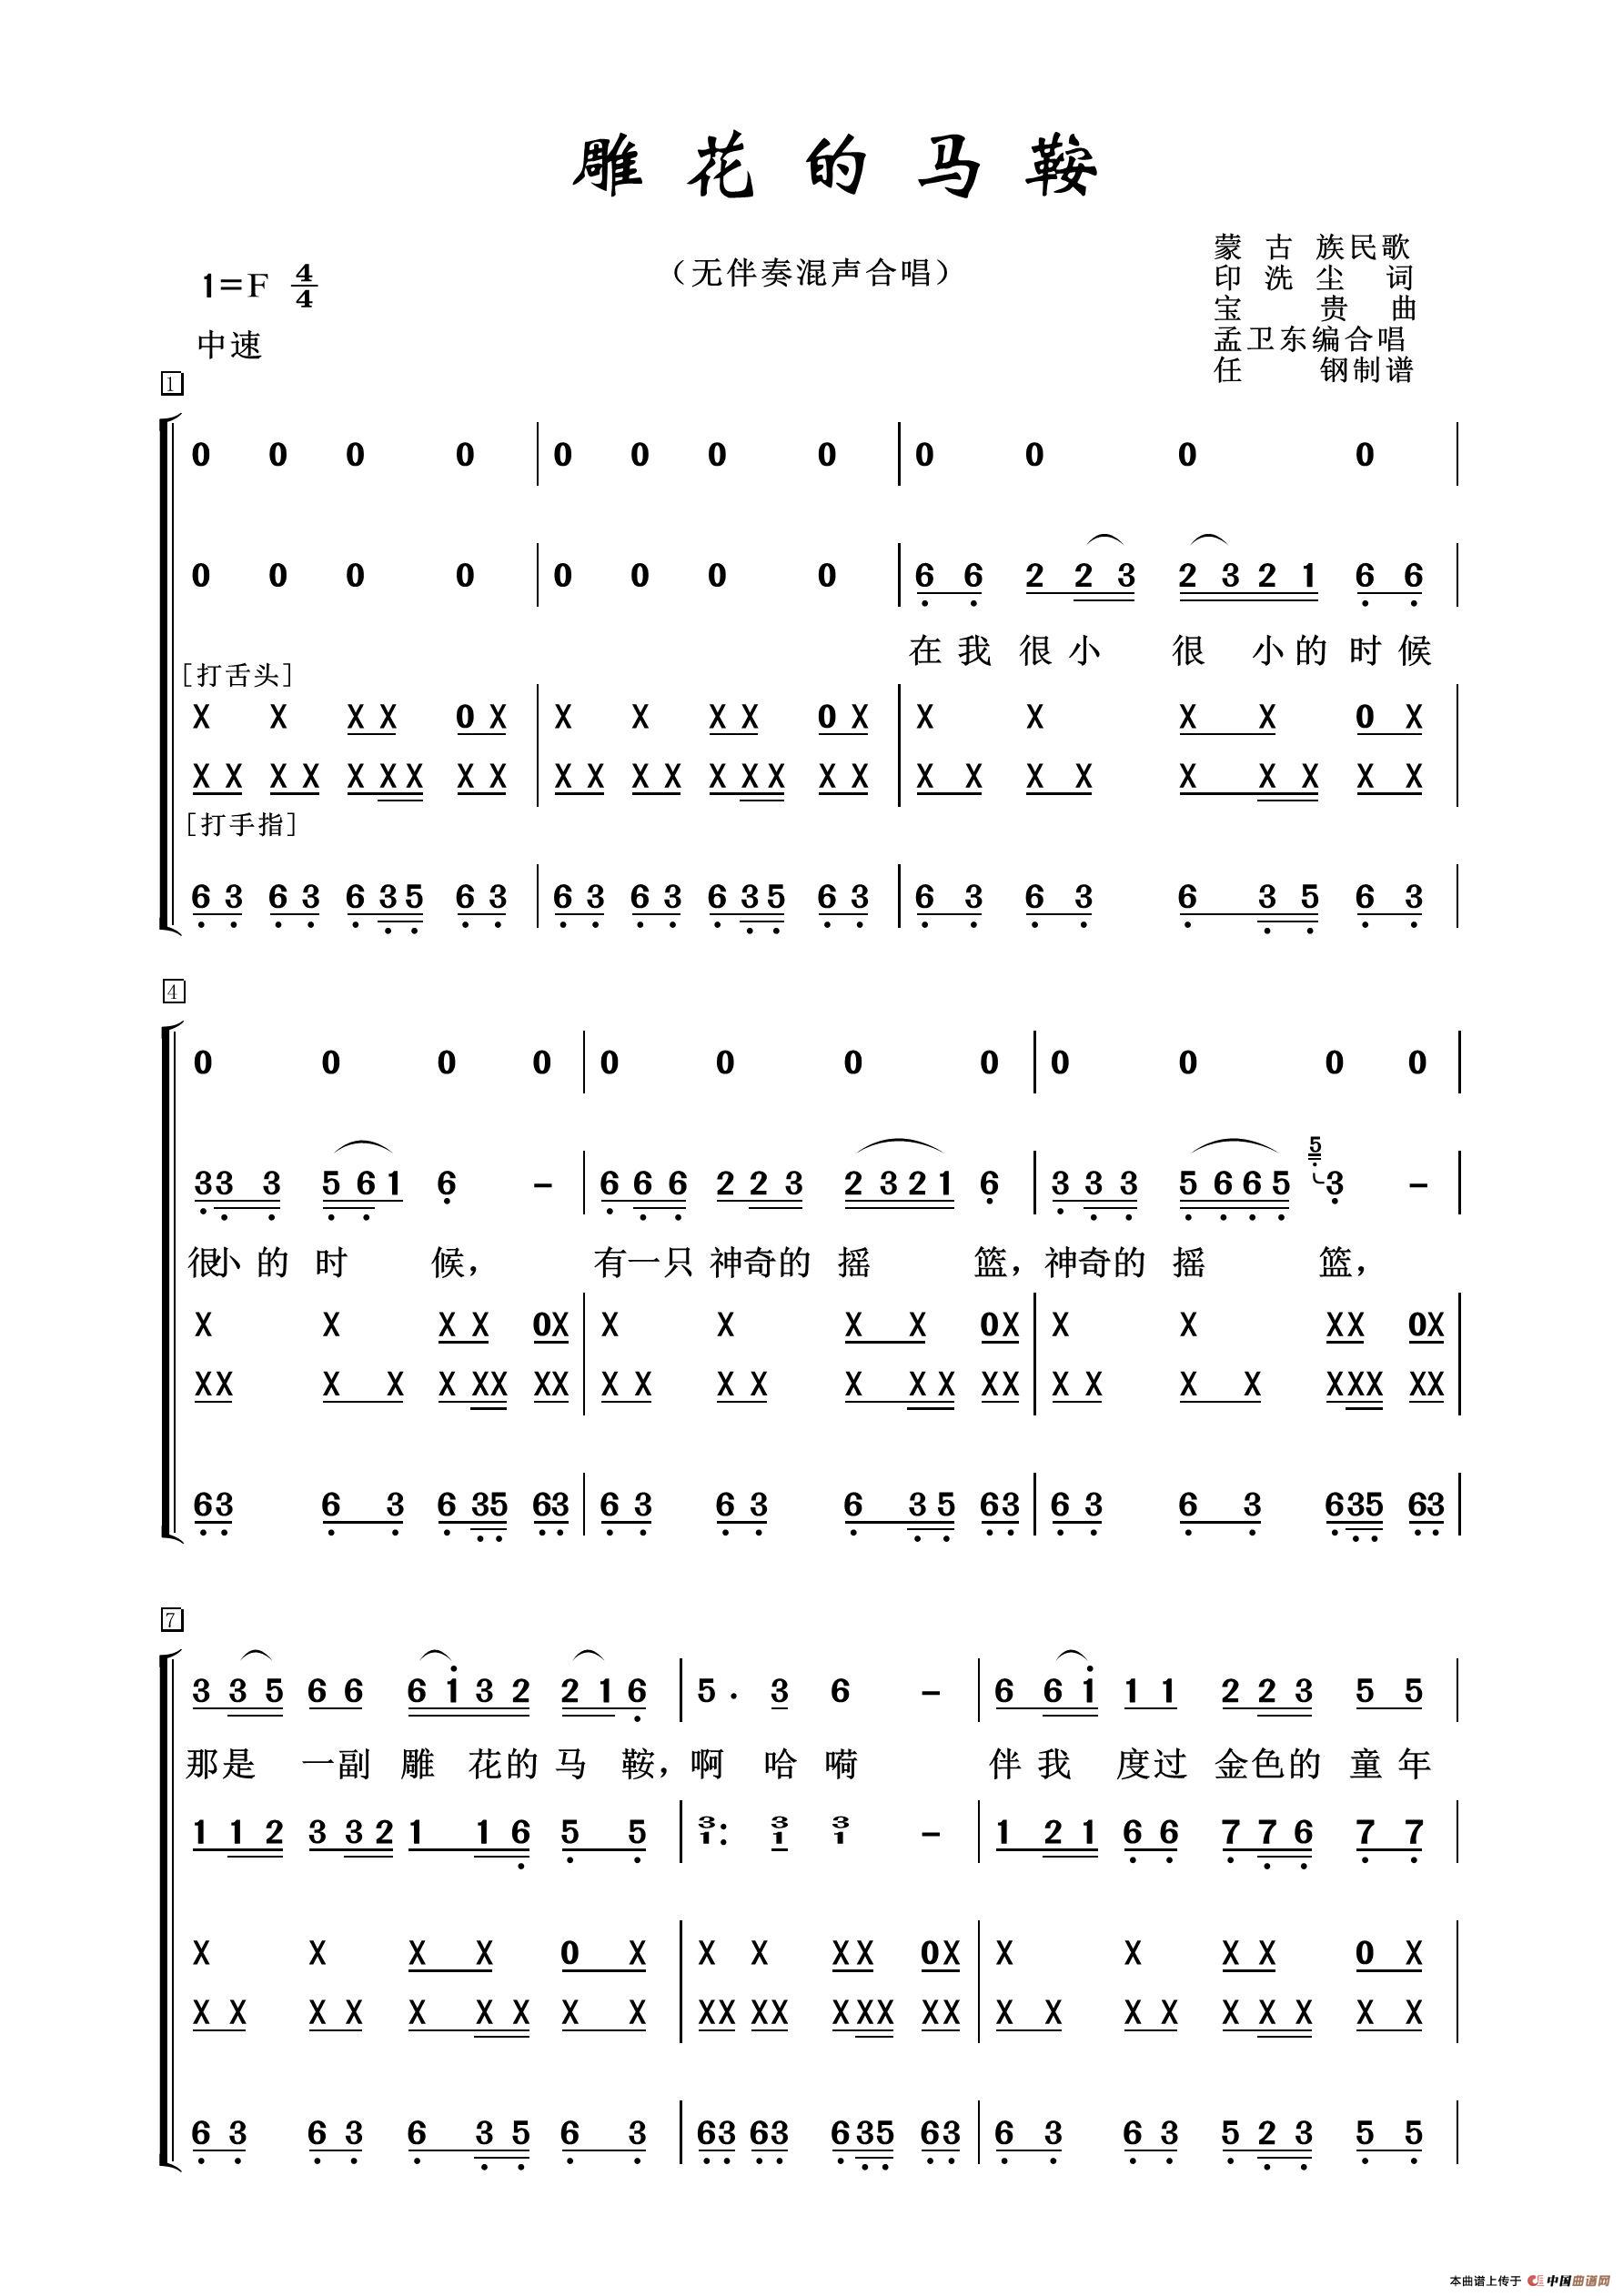 首页 简谱 > 雕花的马鞍(无伴奏混声合唱)